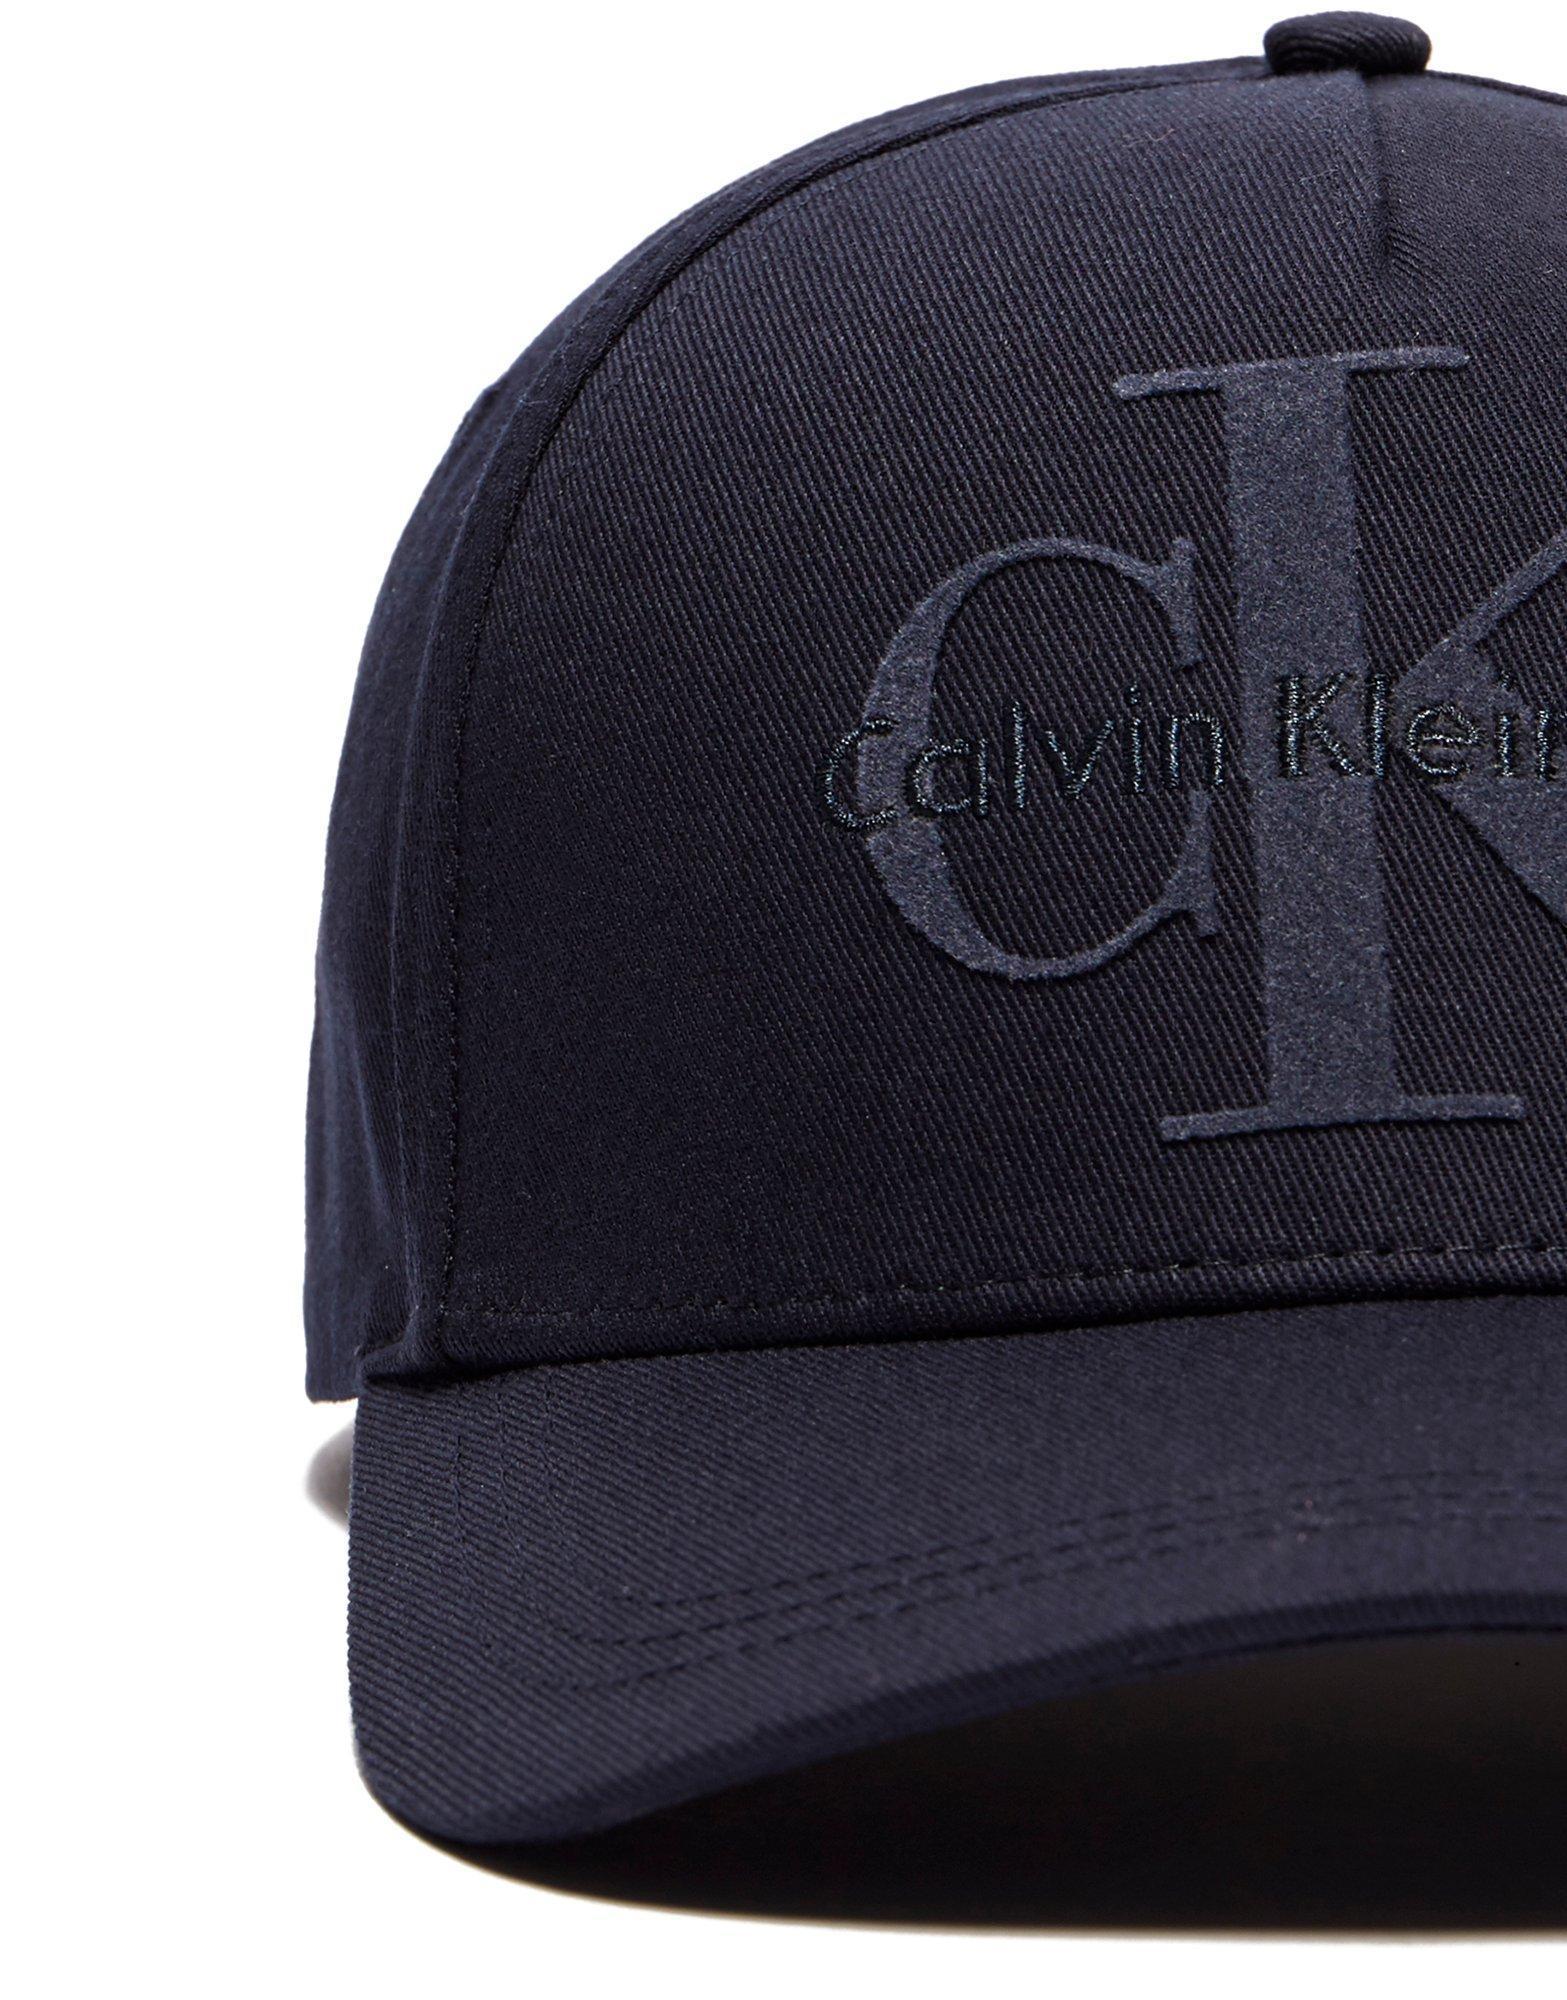 Lyst - Calvin Klein Jeans Reissue Cap in Blue for Men 726343bffac3